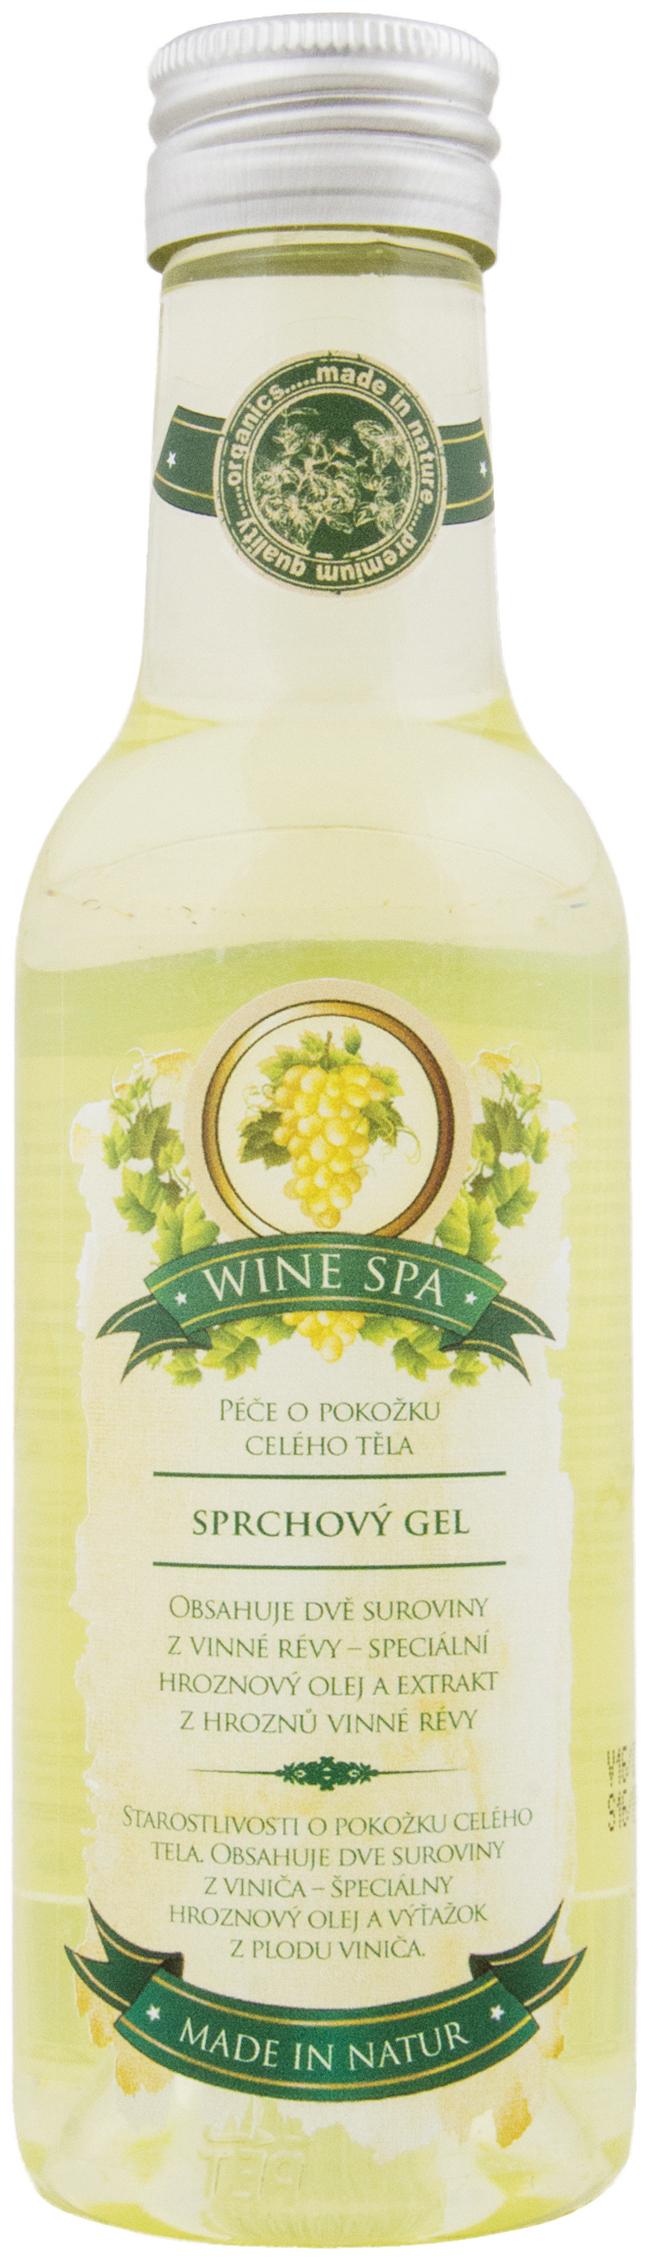 Fotografie Bohemia Gifts & Cosmetics Wine Spa Premium Vinná kosmetika sprchový gel 200 ml